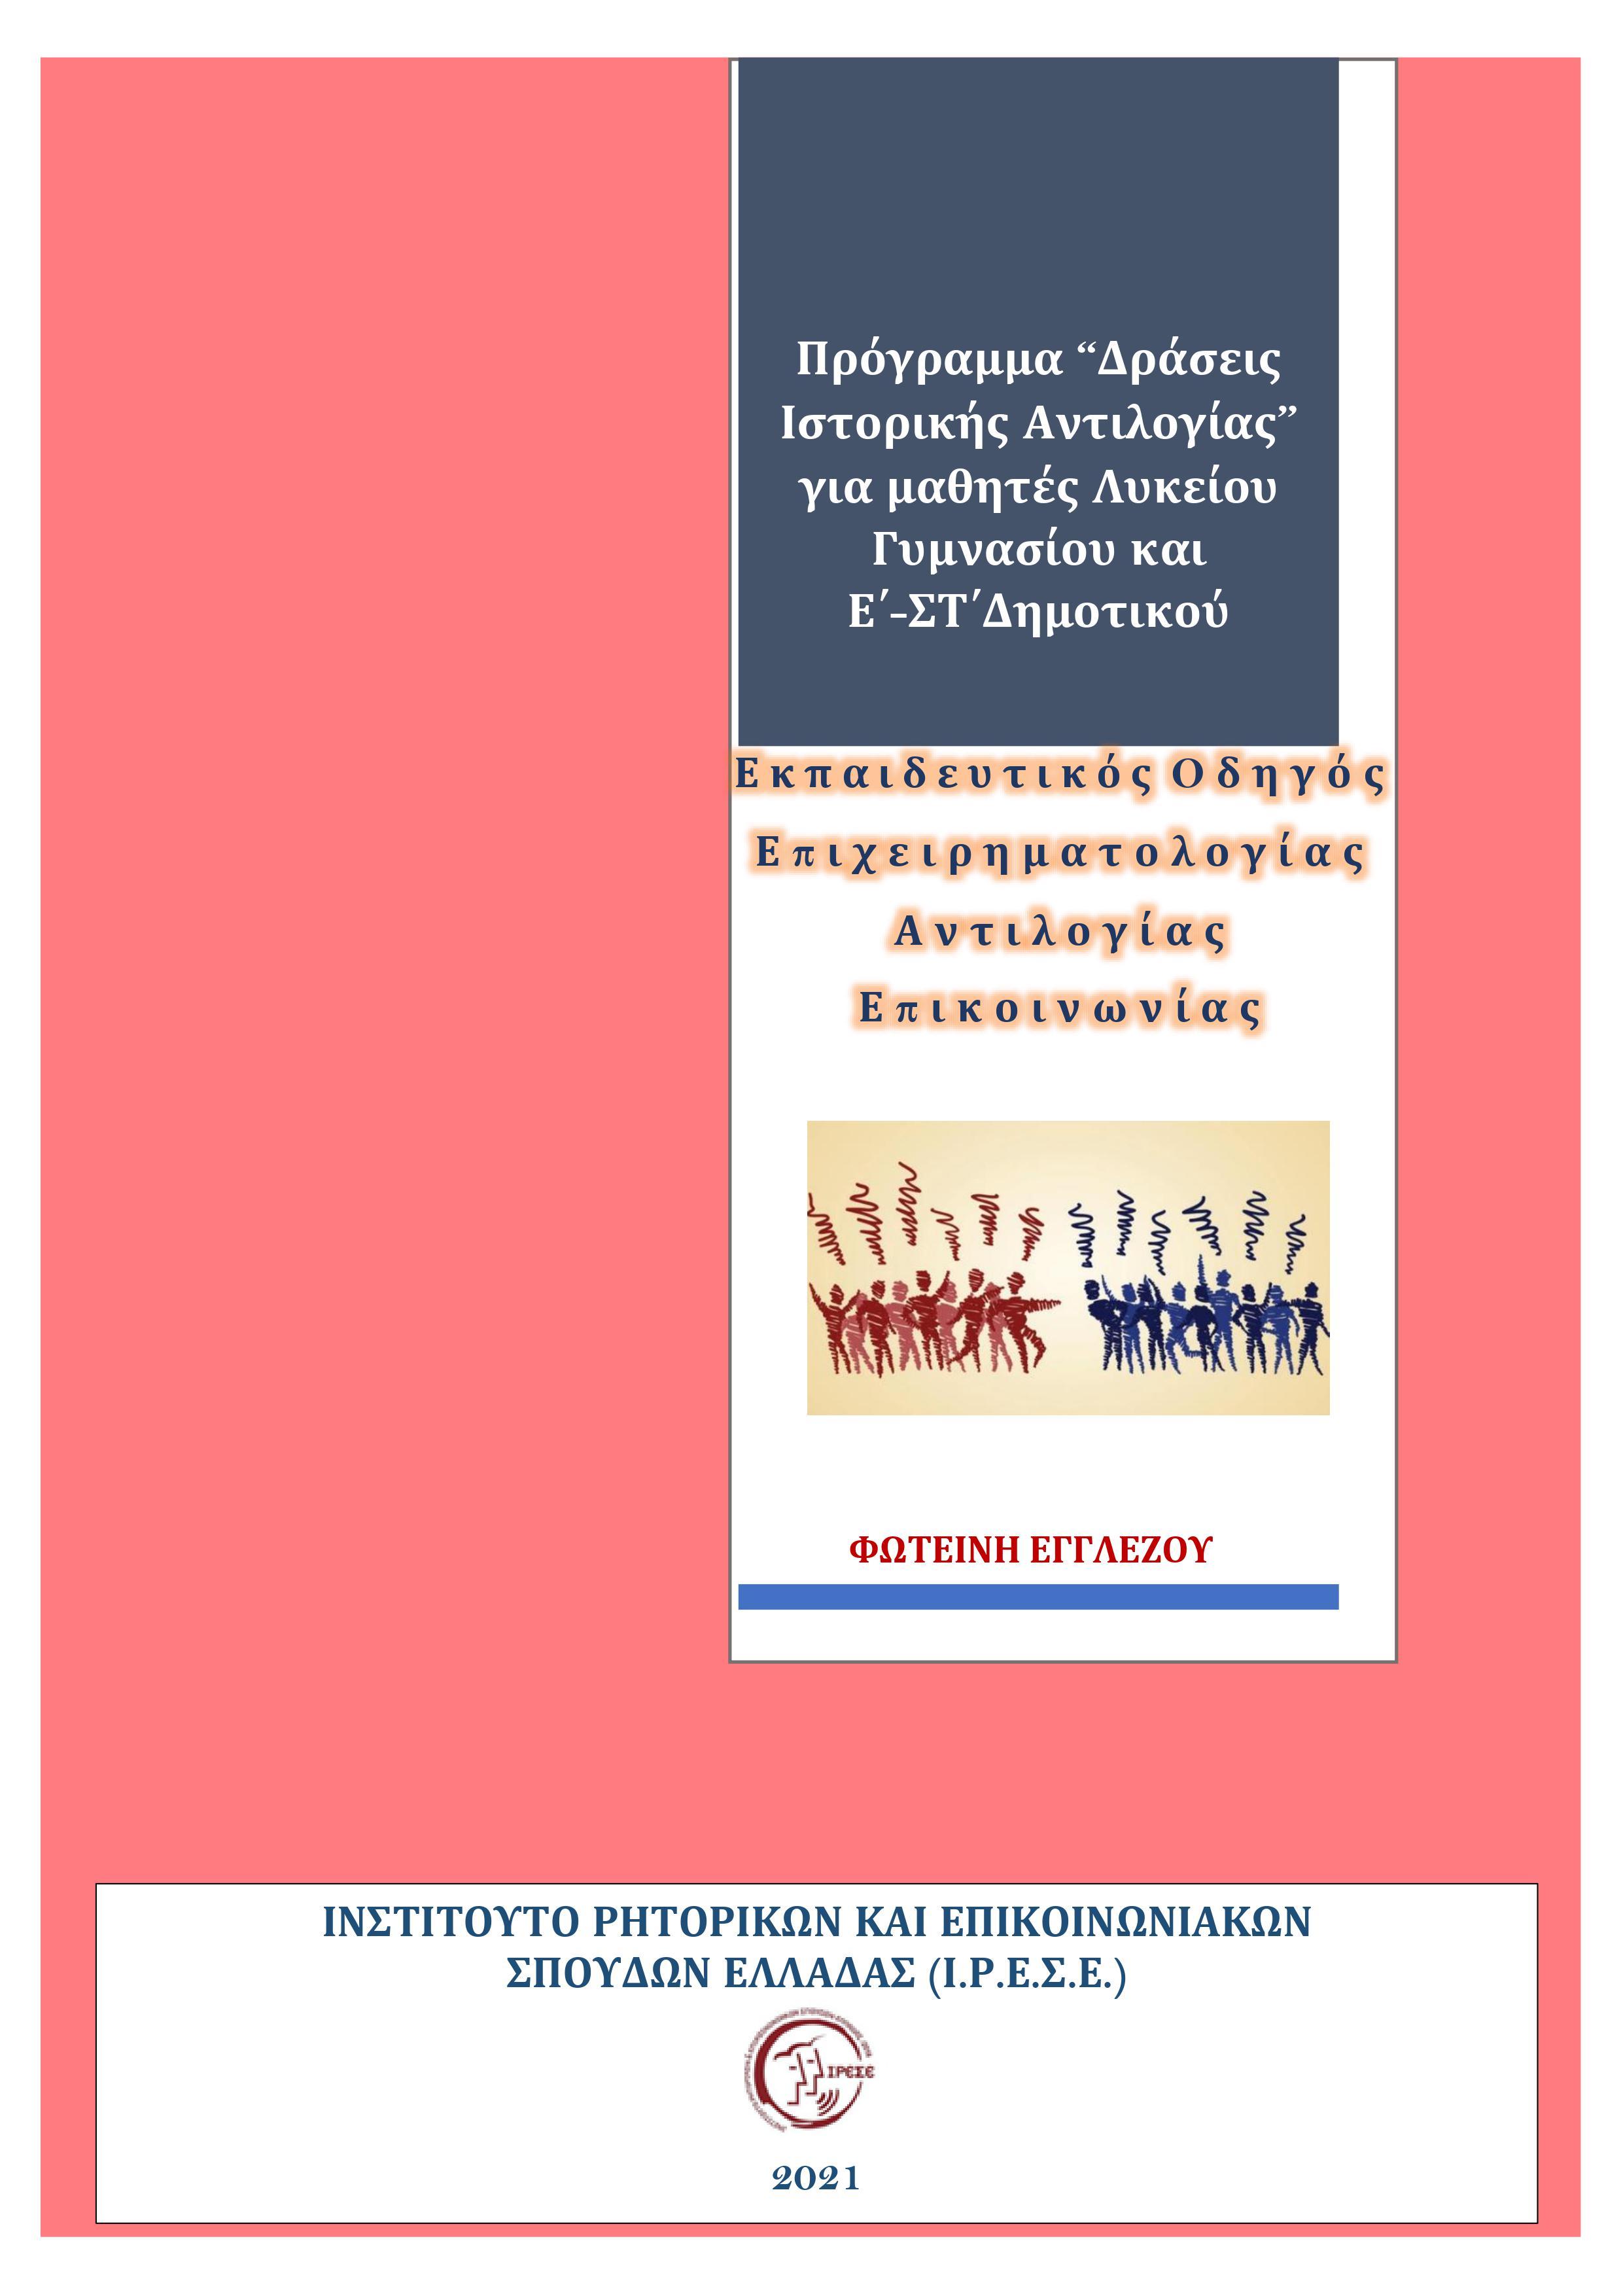 Πρόγραμμα Δράσεις Ιστορικής Αντιλογίας. Εκπαιδευτικός Οδηγός Επιχειρηματολογίας, Αντιλογίας, Επικοινωνίας